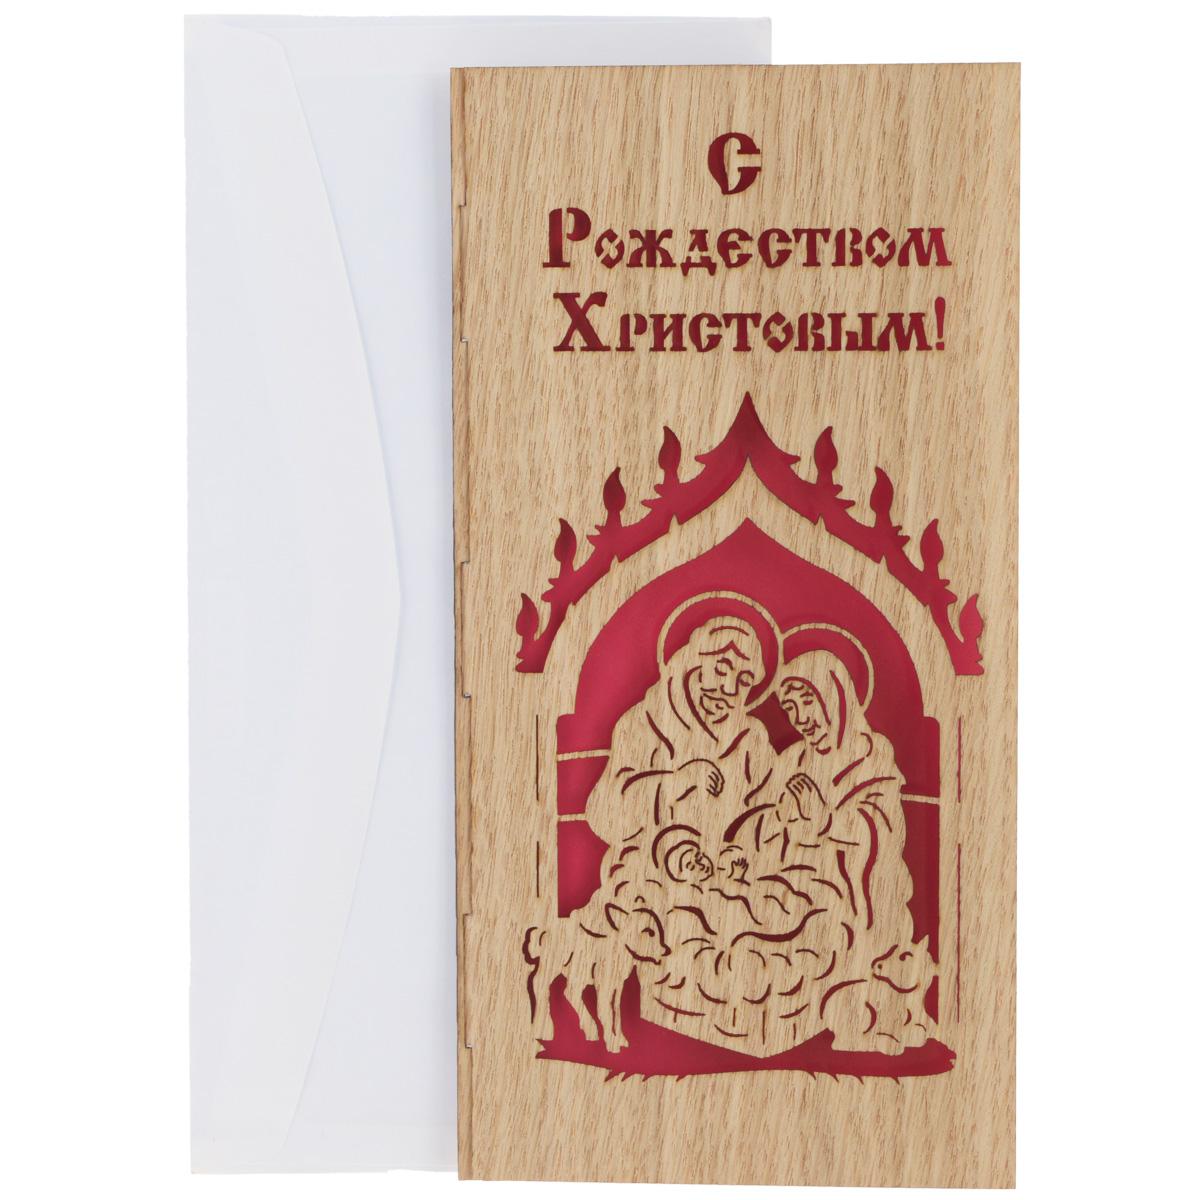 Открытка Караван-СТ С Рождеством Христовым!, с конвертом. ОБ59 дарсонваль спарк ct 117